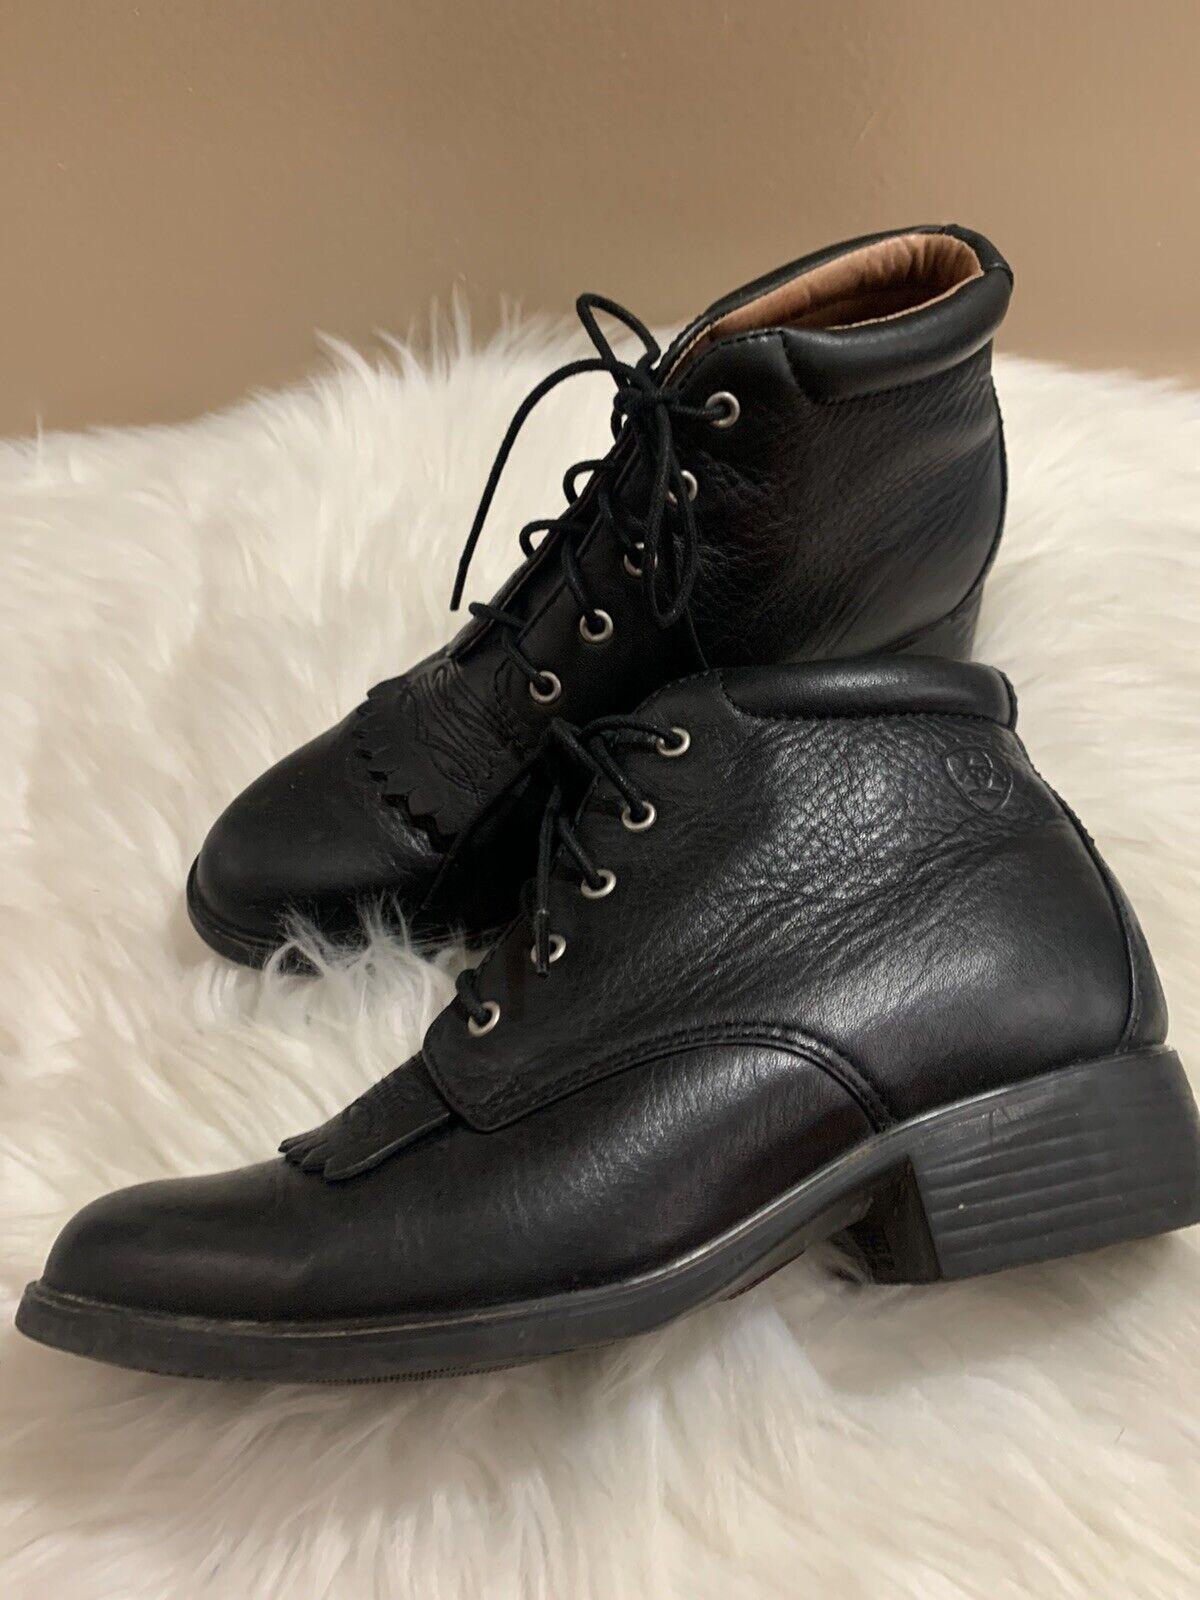 Ariat Women Boots Josie Size 6 B Black